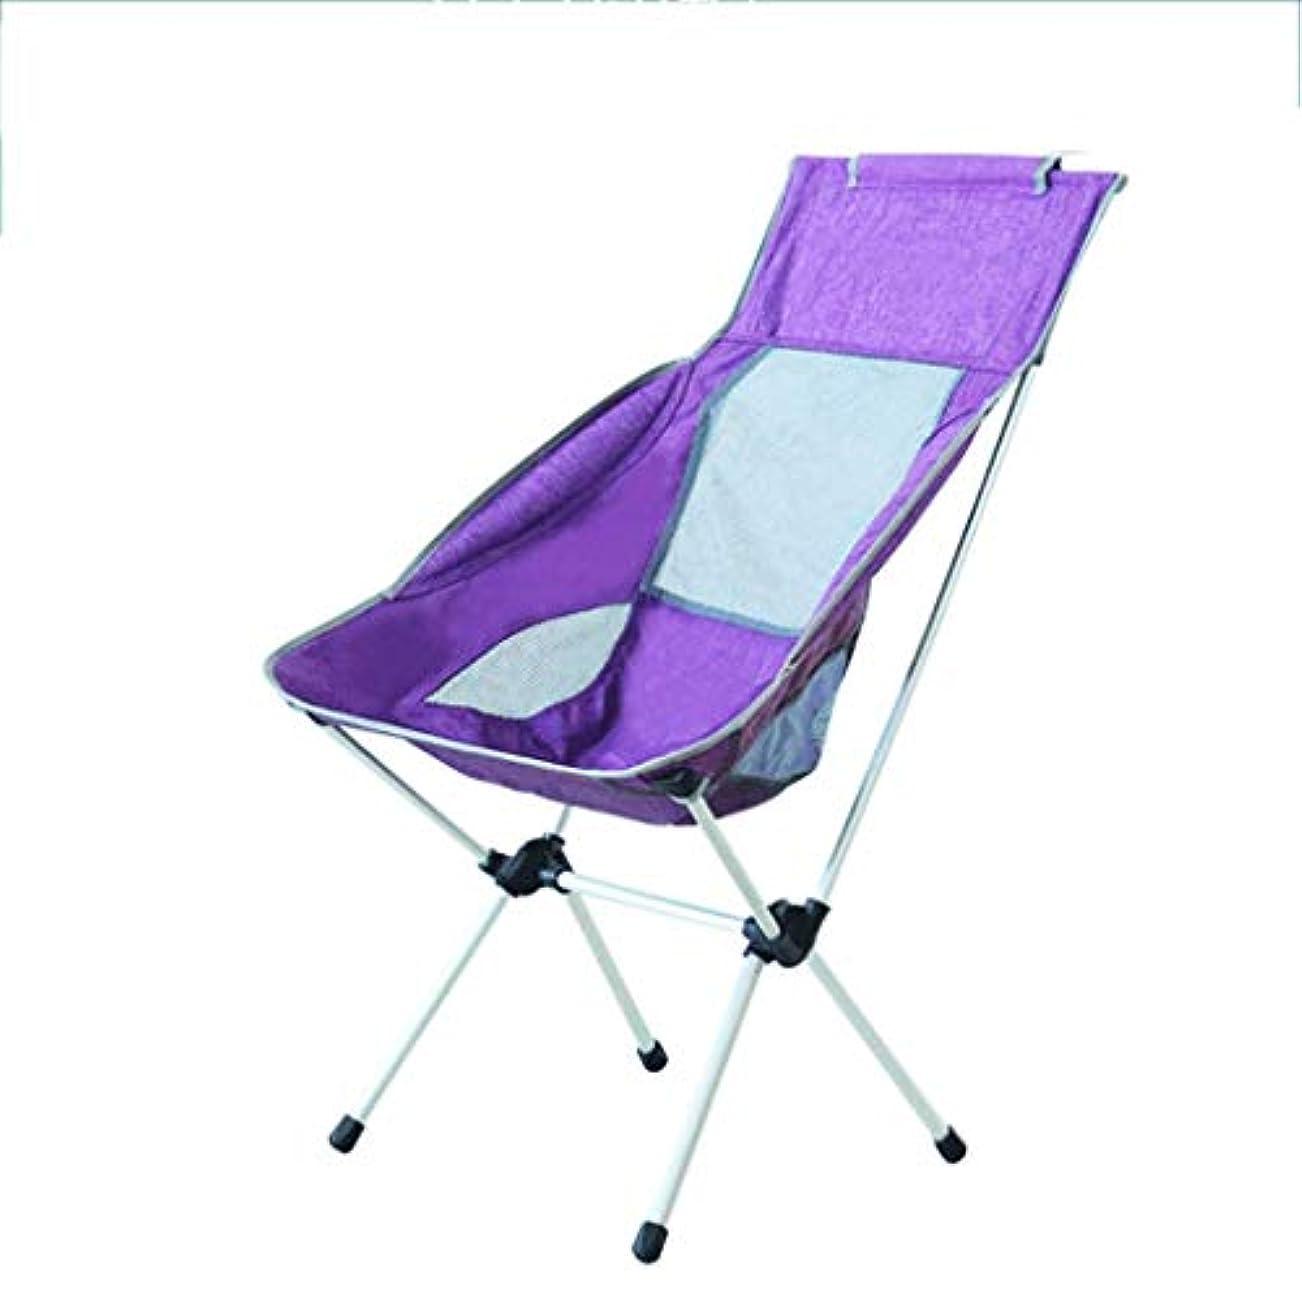 締め切りフック細い大胆な色のリクライニングチェアのキャンプのハイキングの椅子を高くする屋外の携帯用アルミニウム折る椅子